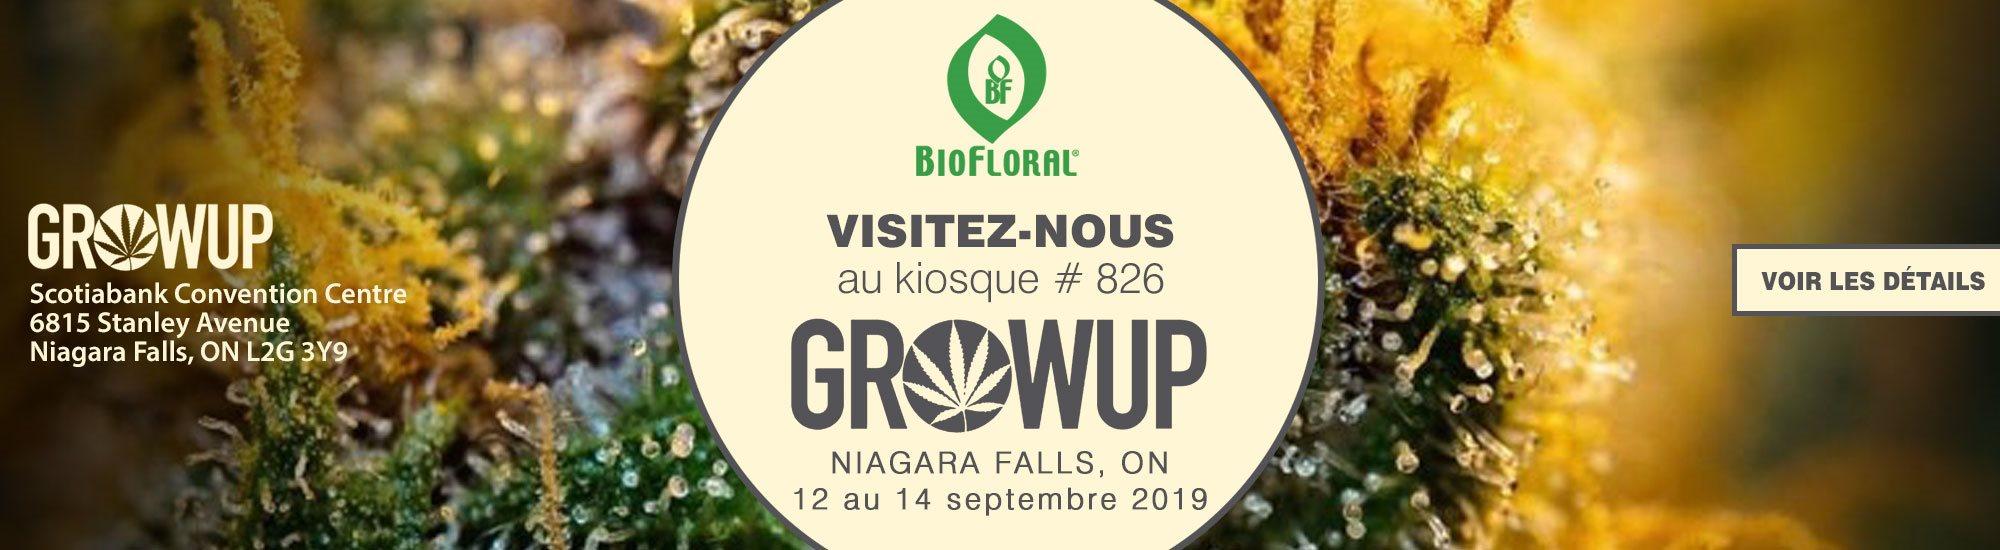 Visitez-nous au GROW UP de Niagara Falls